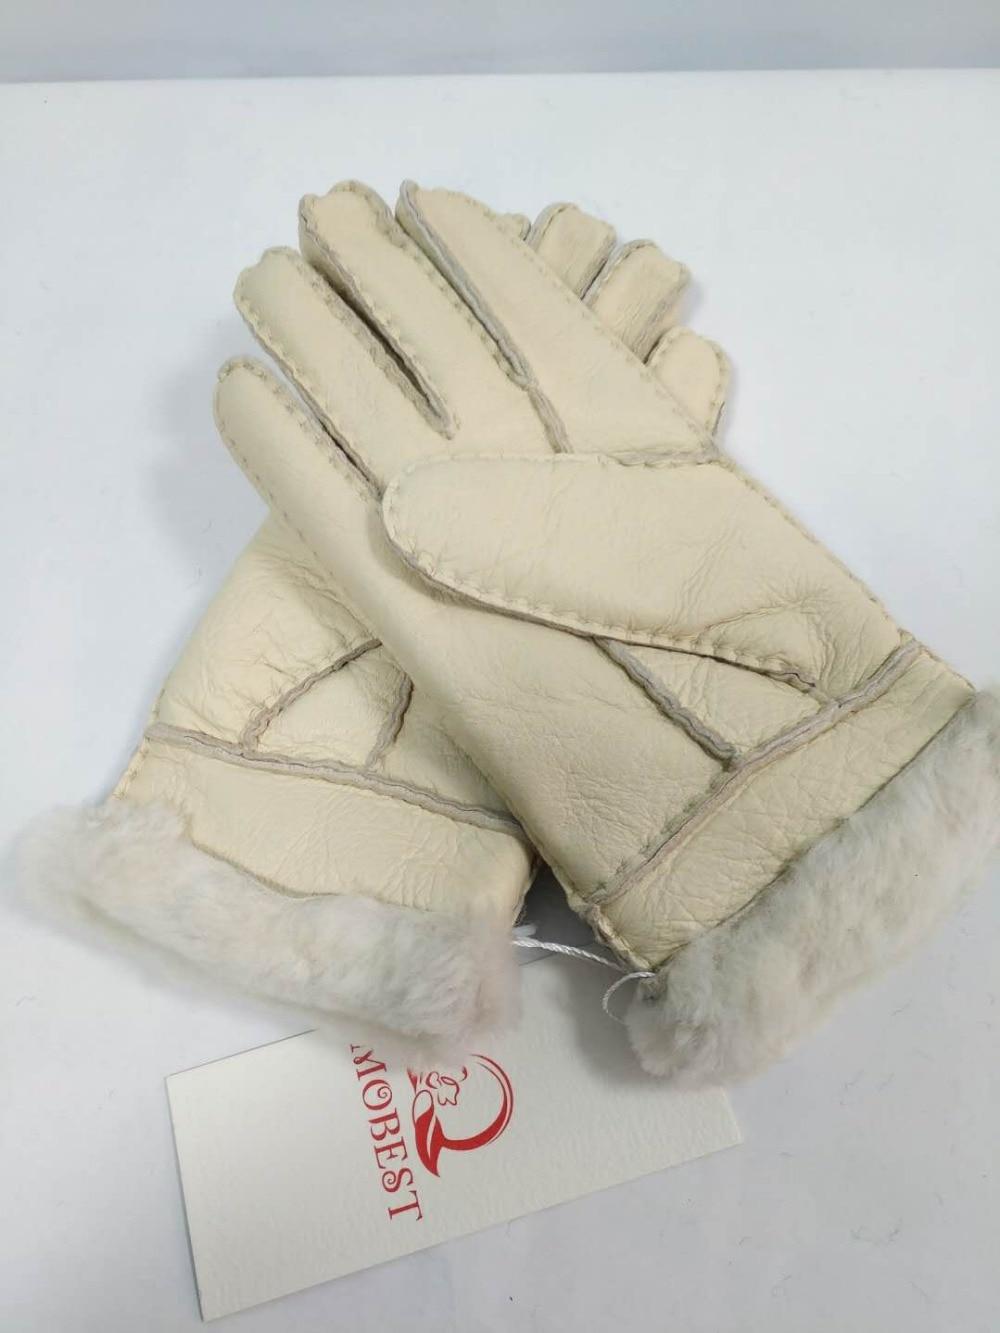 Для женщин утолщаются супер тёплая осенне-зимняя обувь Genius из кожи, из шерсти овчины Открытый лыжи для верховой езды палец плюс бархат Перча...